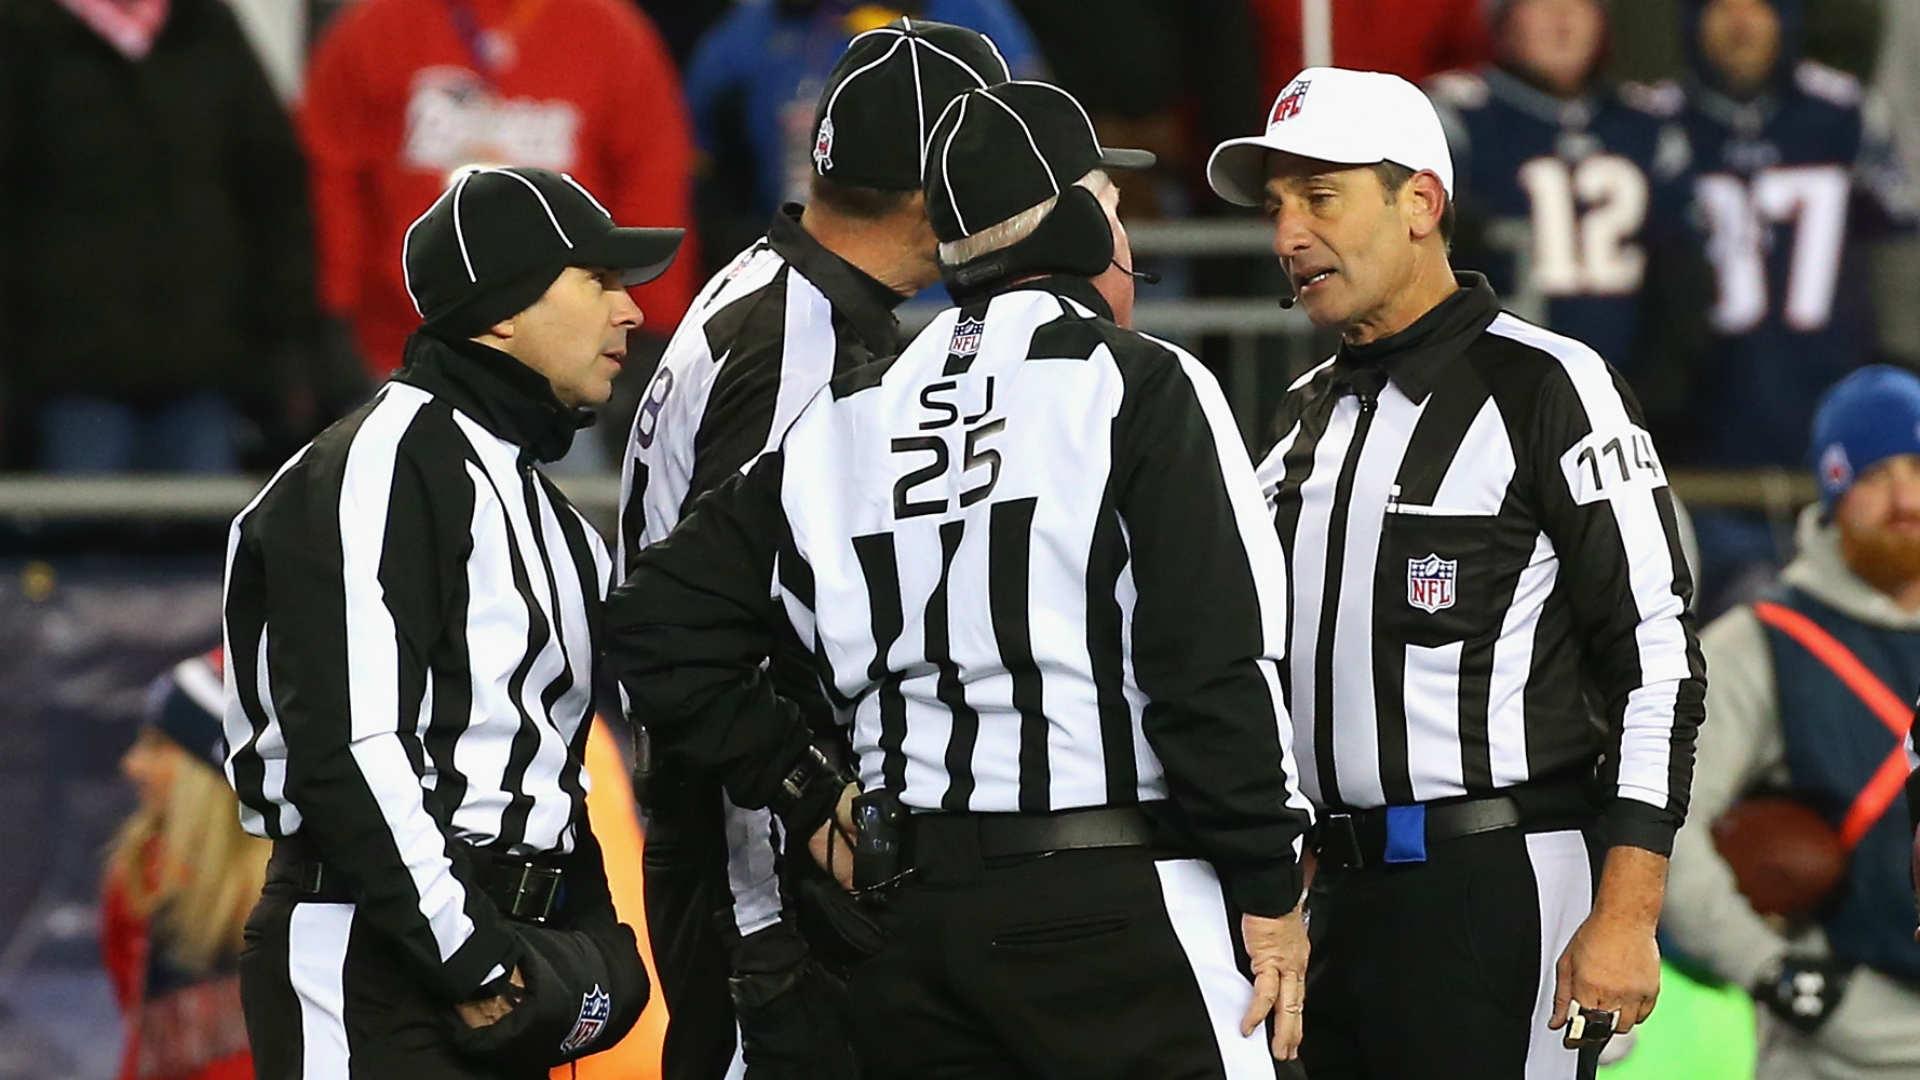 nfl-officials-12162015-us-news-getty-ftr